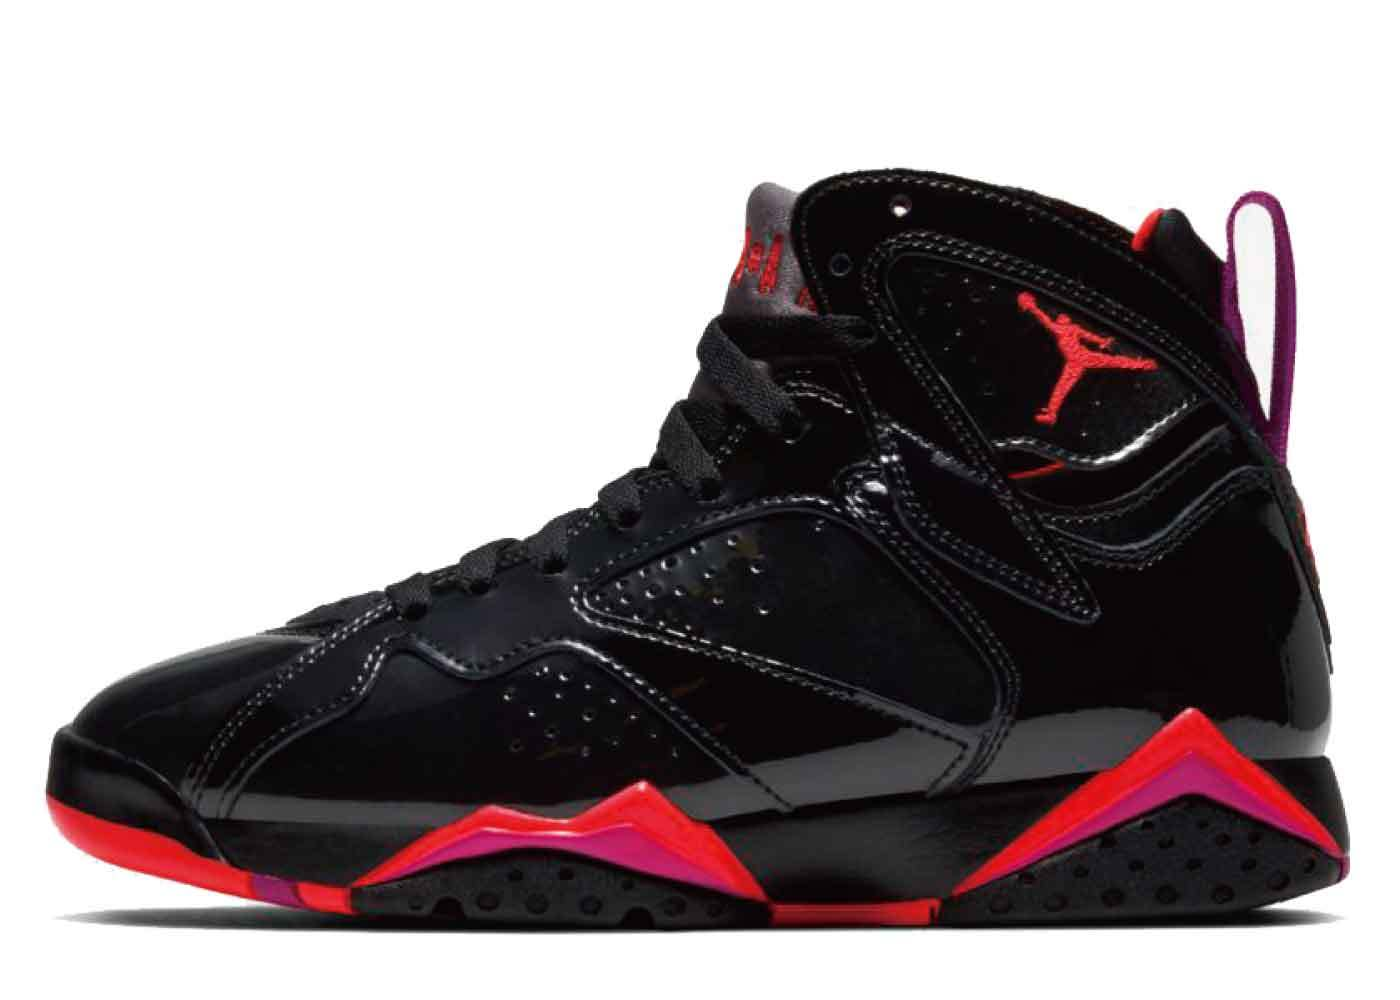 Nike Air Jordan 7 Retro Black Gloss